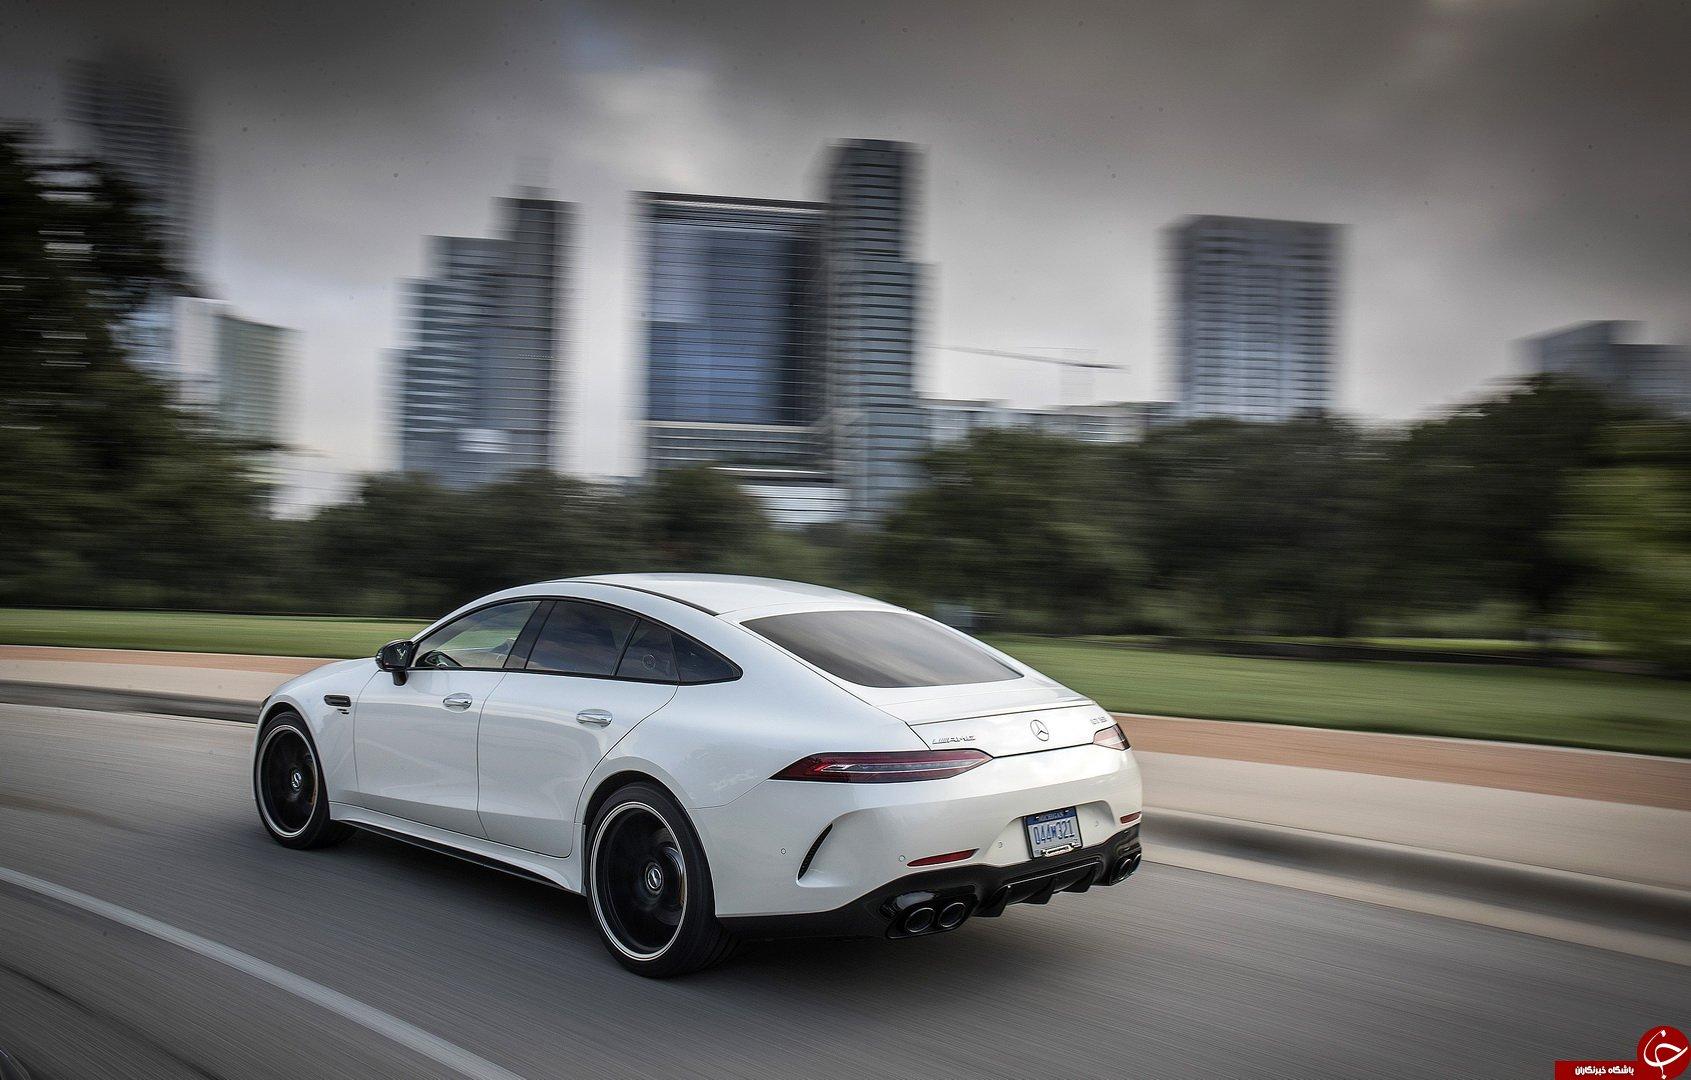 خودروهای آینده مرسدس AMG الکترونیکی هستند